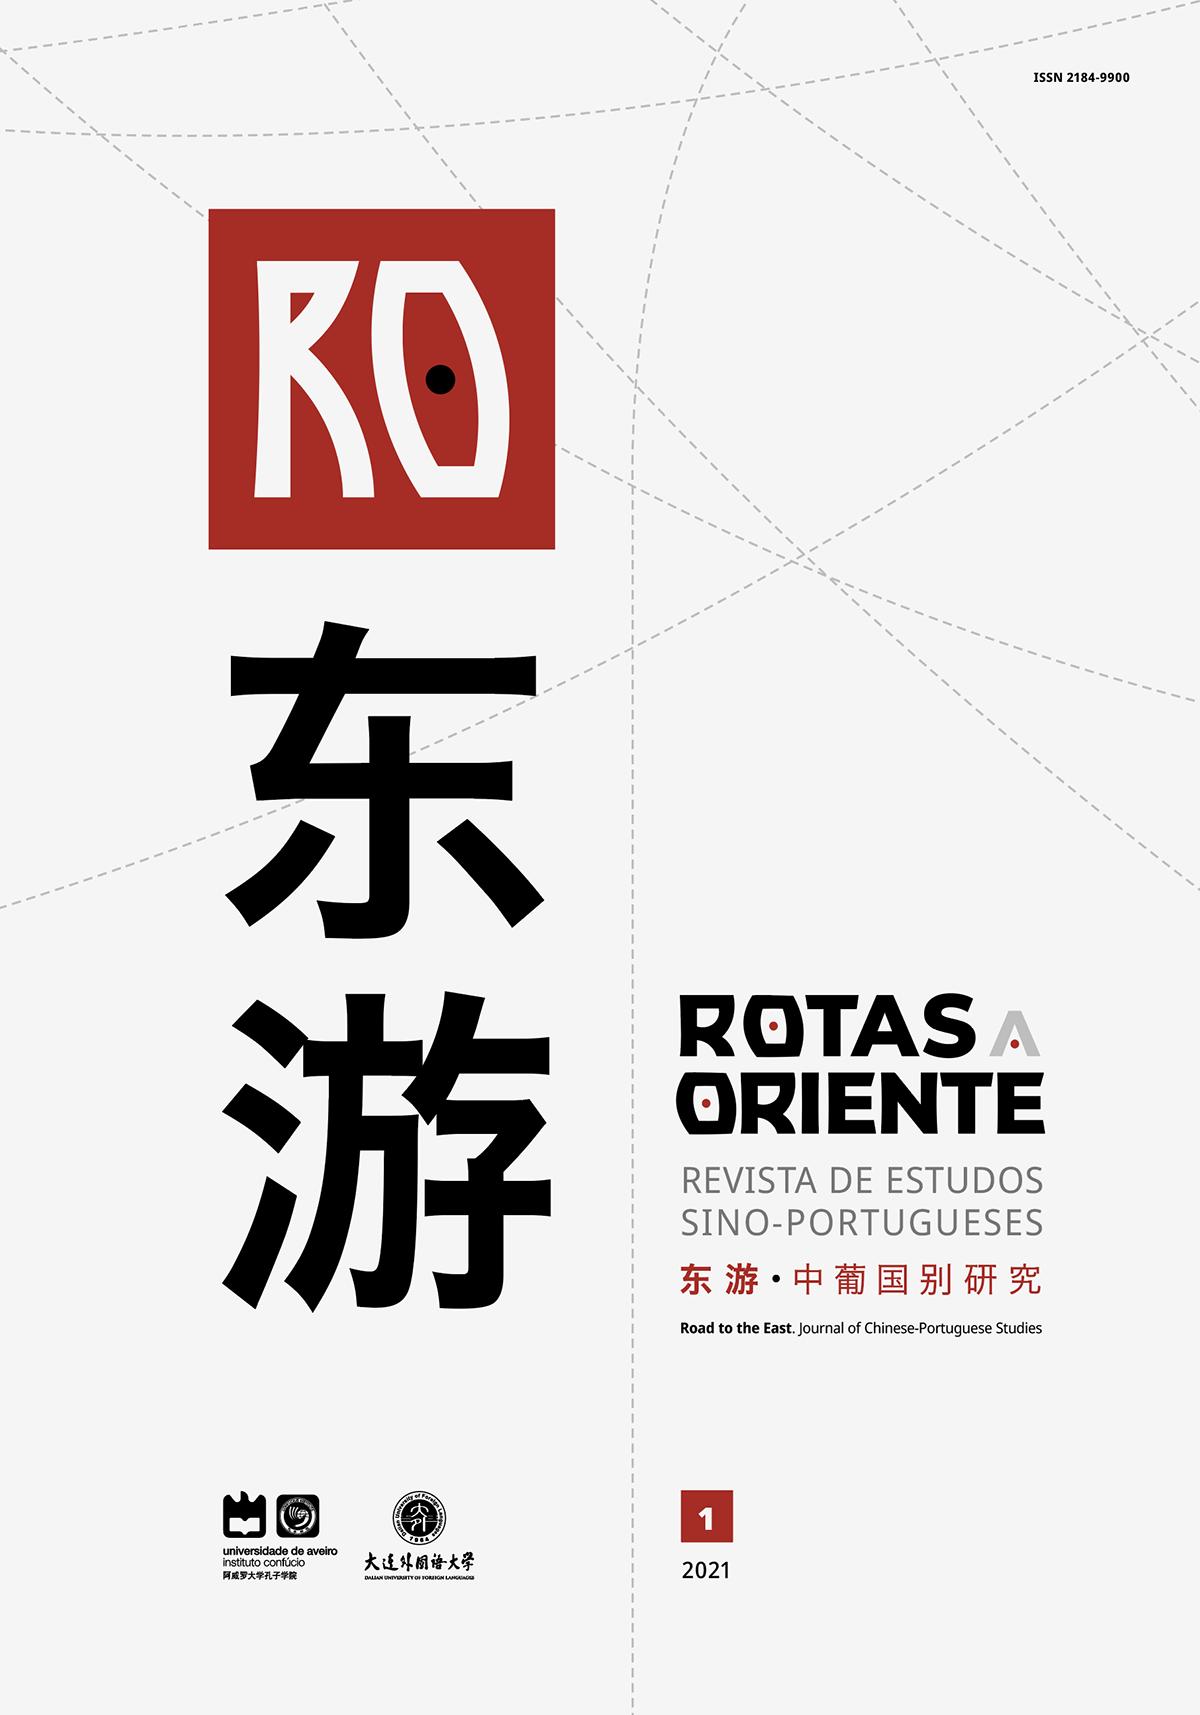 Capa do n.º 1 (2021) da revista Rotas a Oriente